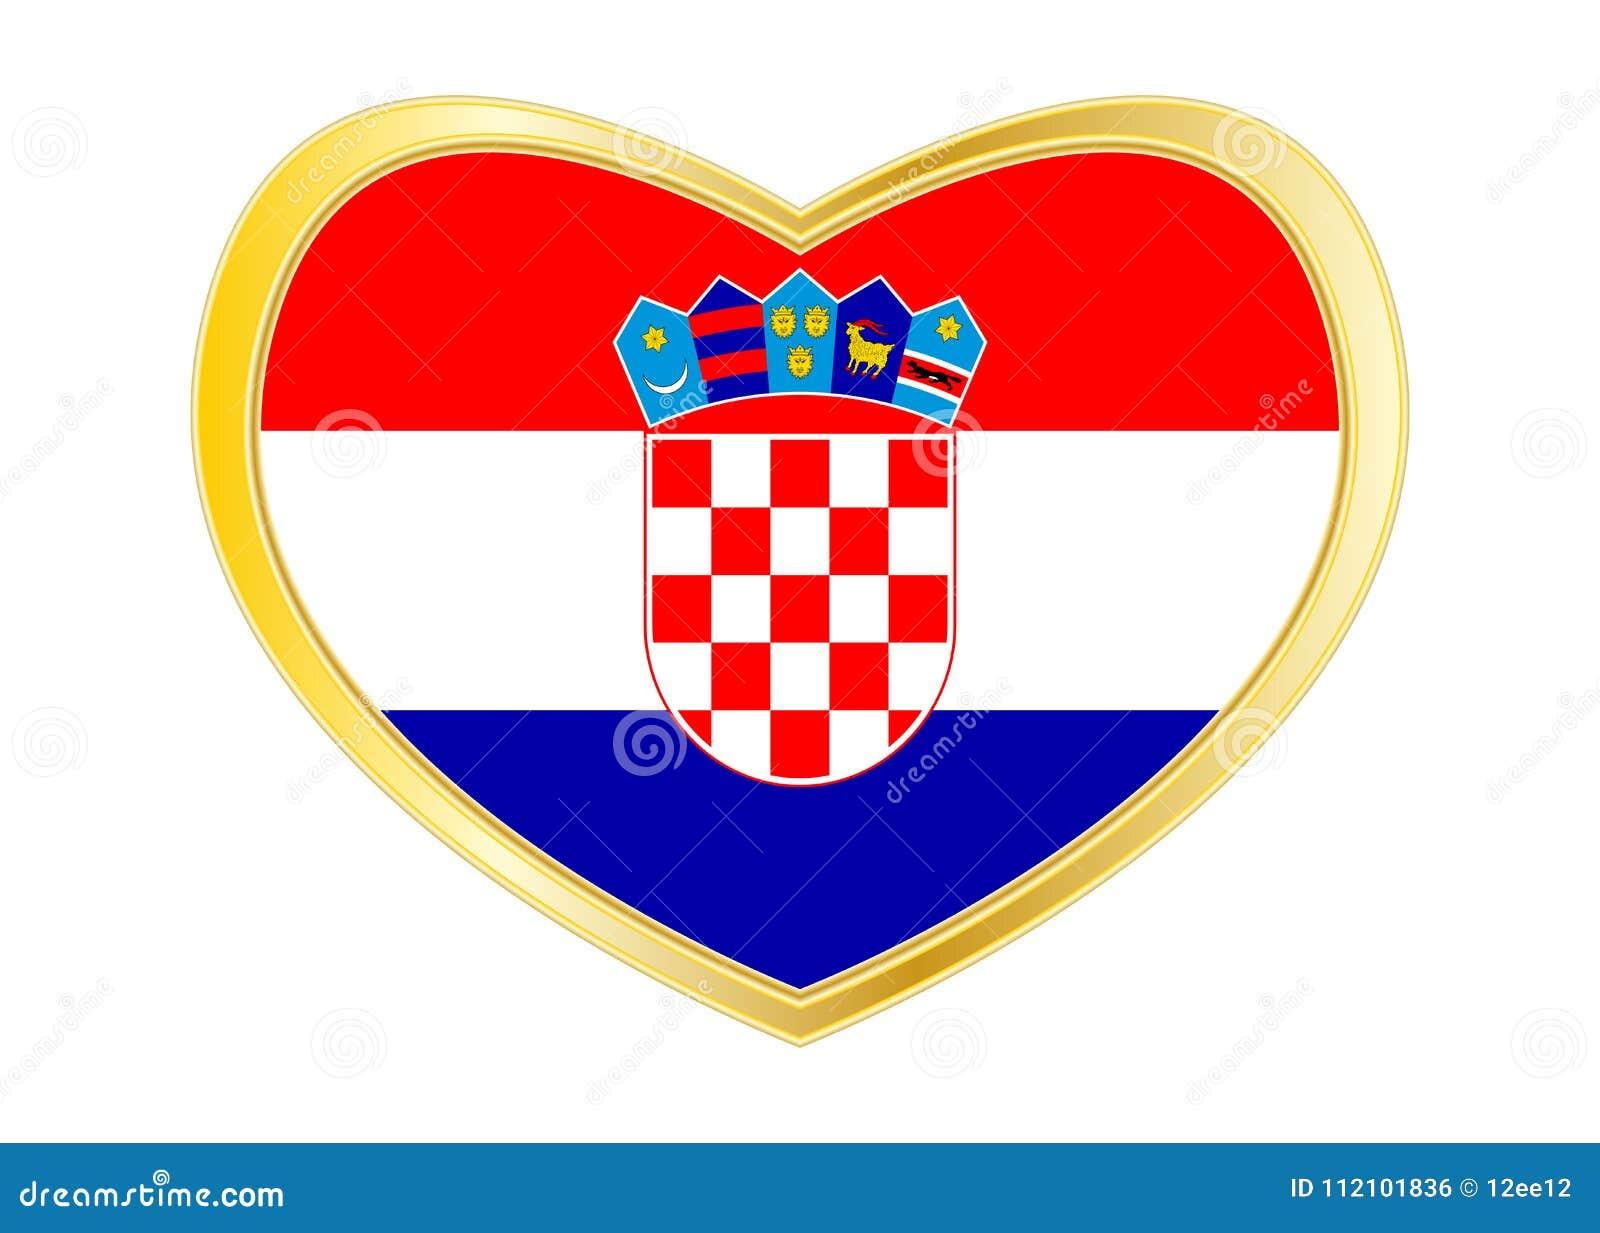 Flag Of Croatia In Heart Shape Golden Frame Stock Vector